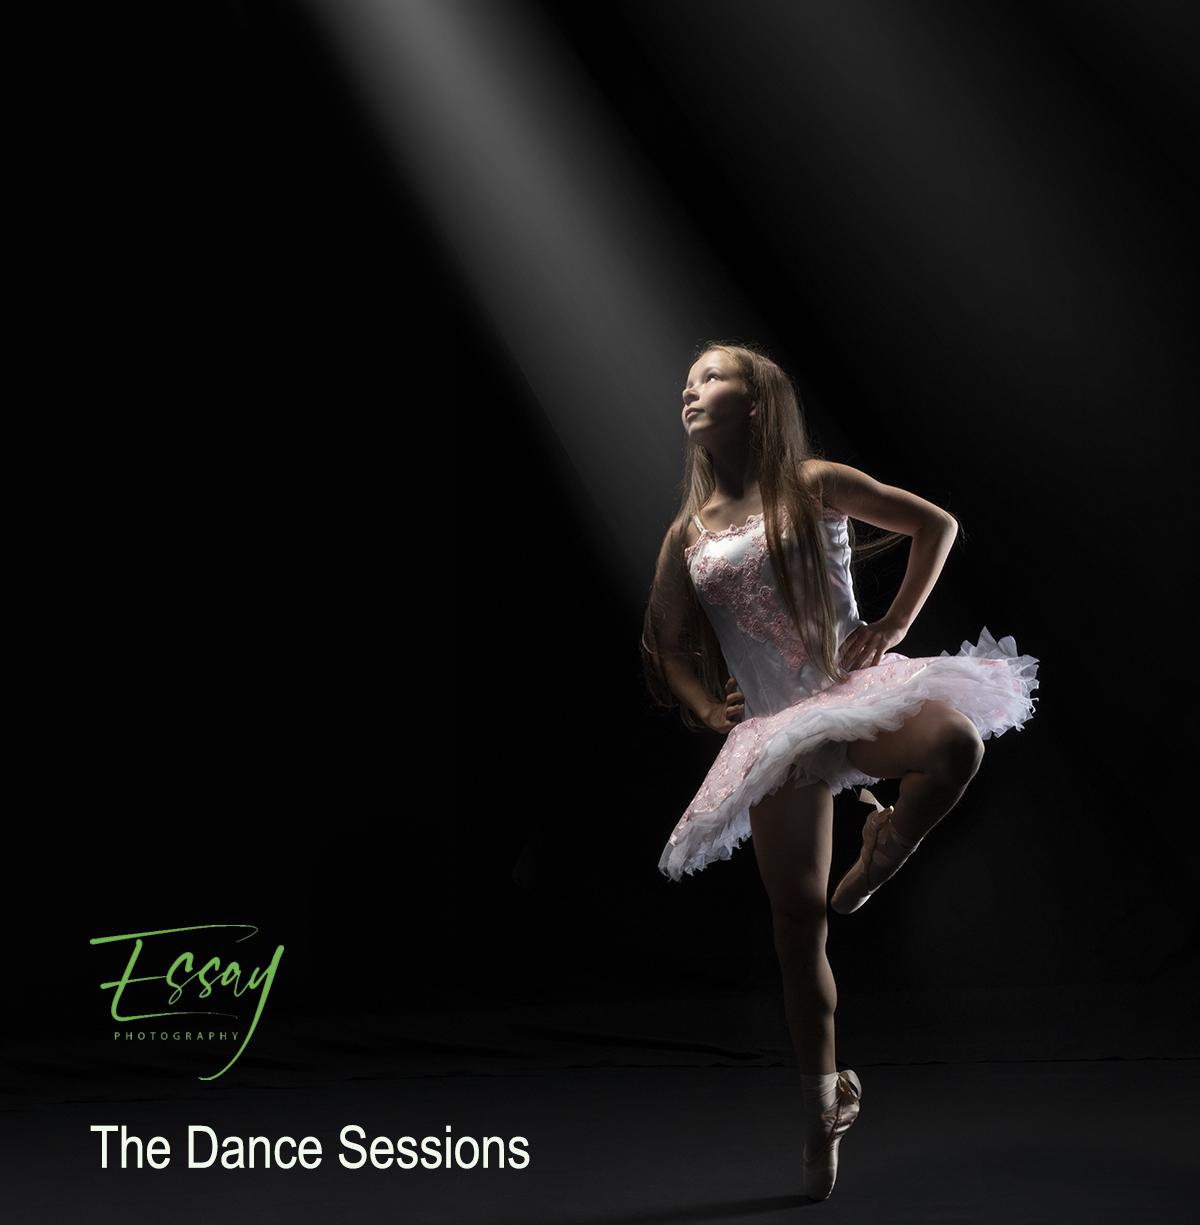 Birmingham Dance Photographer